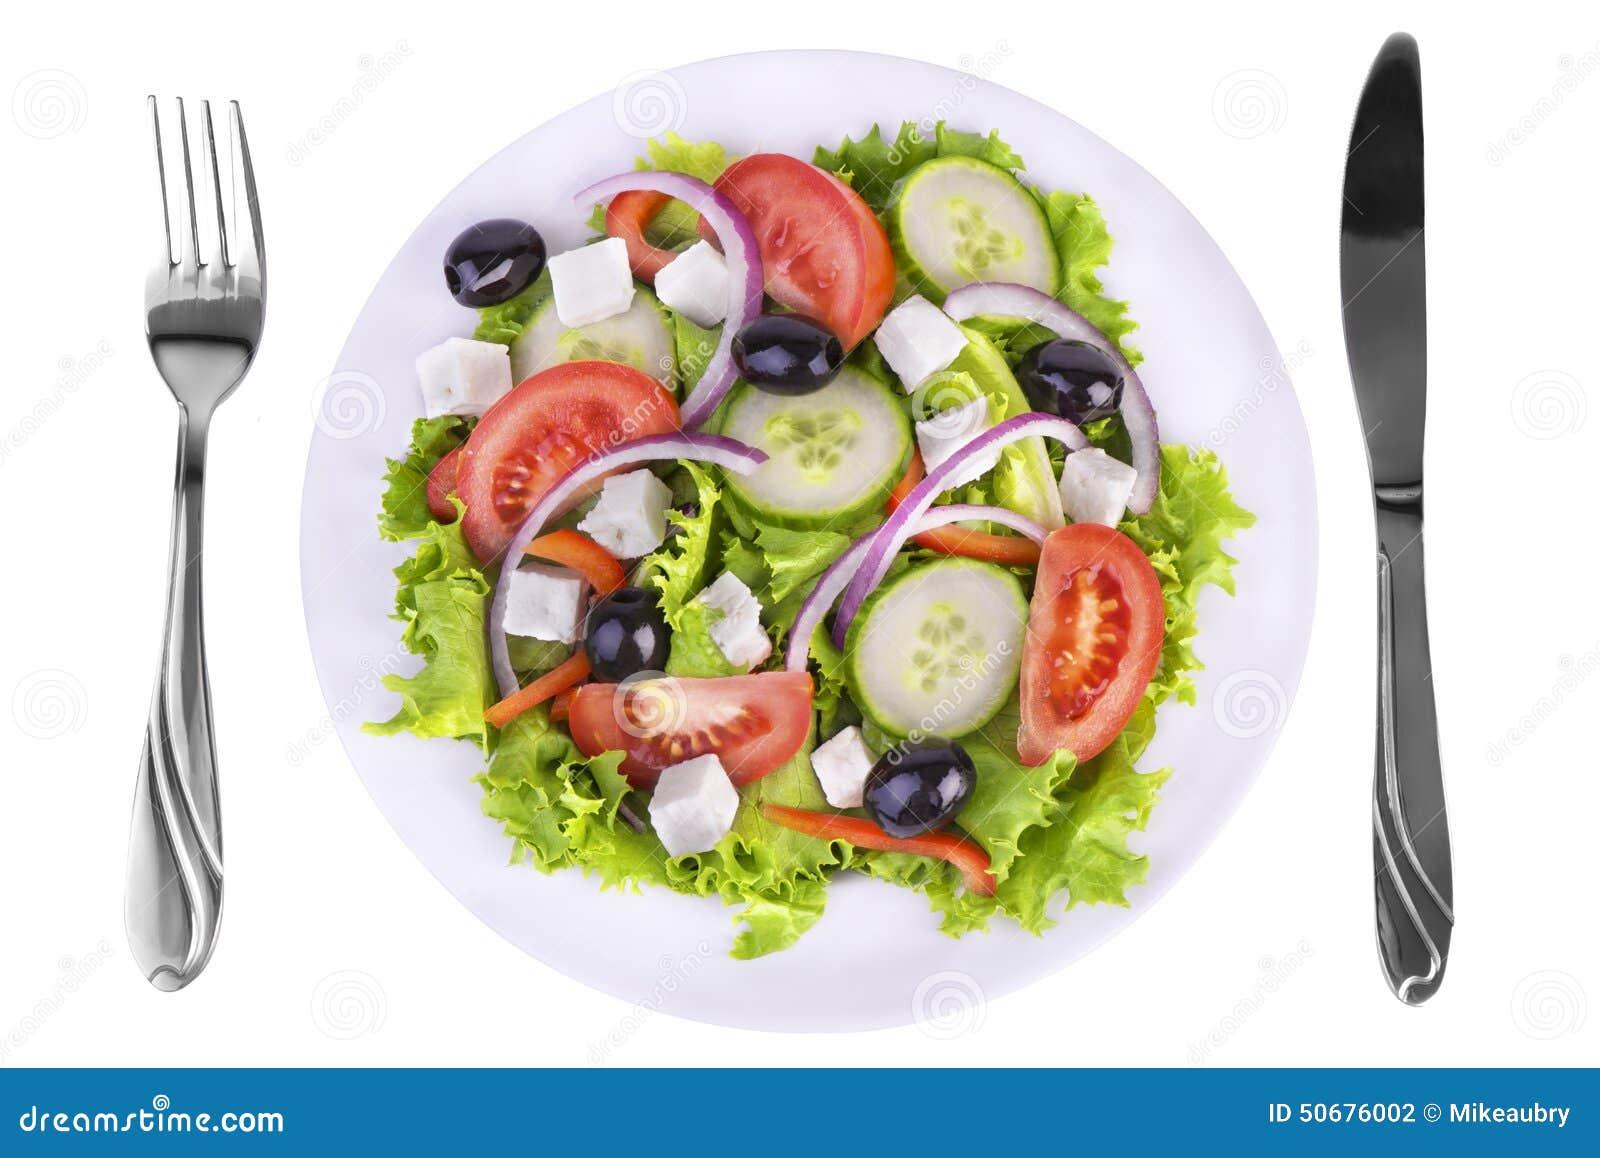 Download 新鲜的健康沙拉 库存照片. 图片 包括有 干酪, 叉子, 牌照, 营养, 希脂乳, 健康, 膳食, 烹调 - 50676002